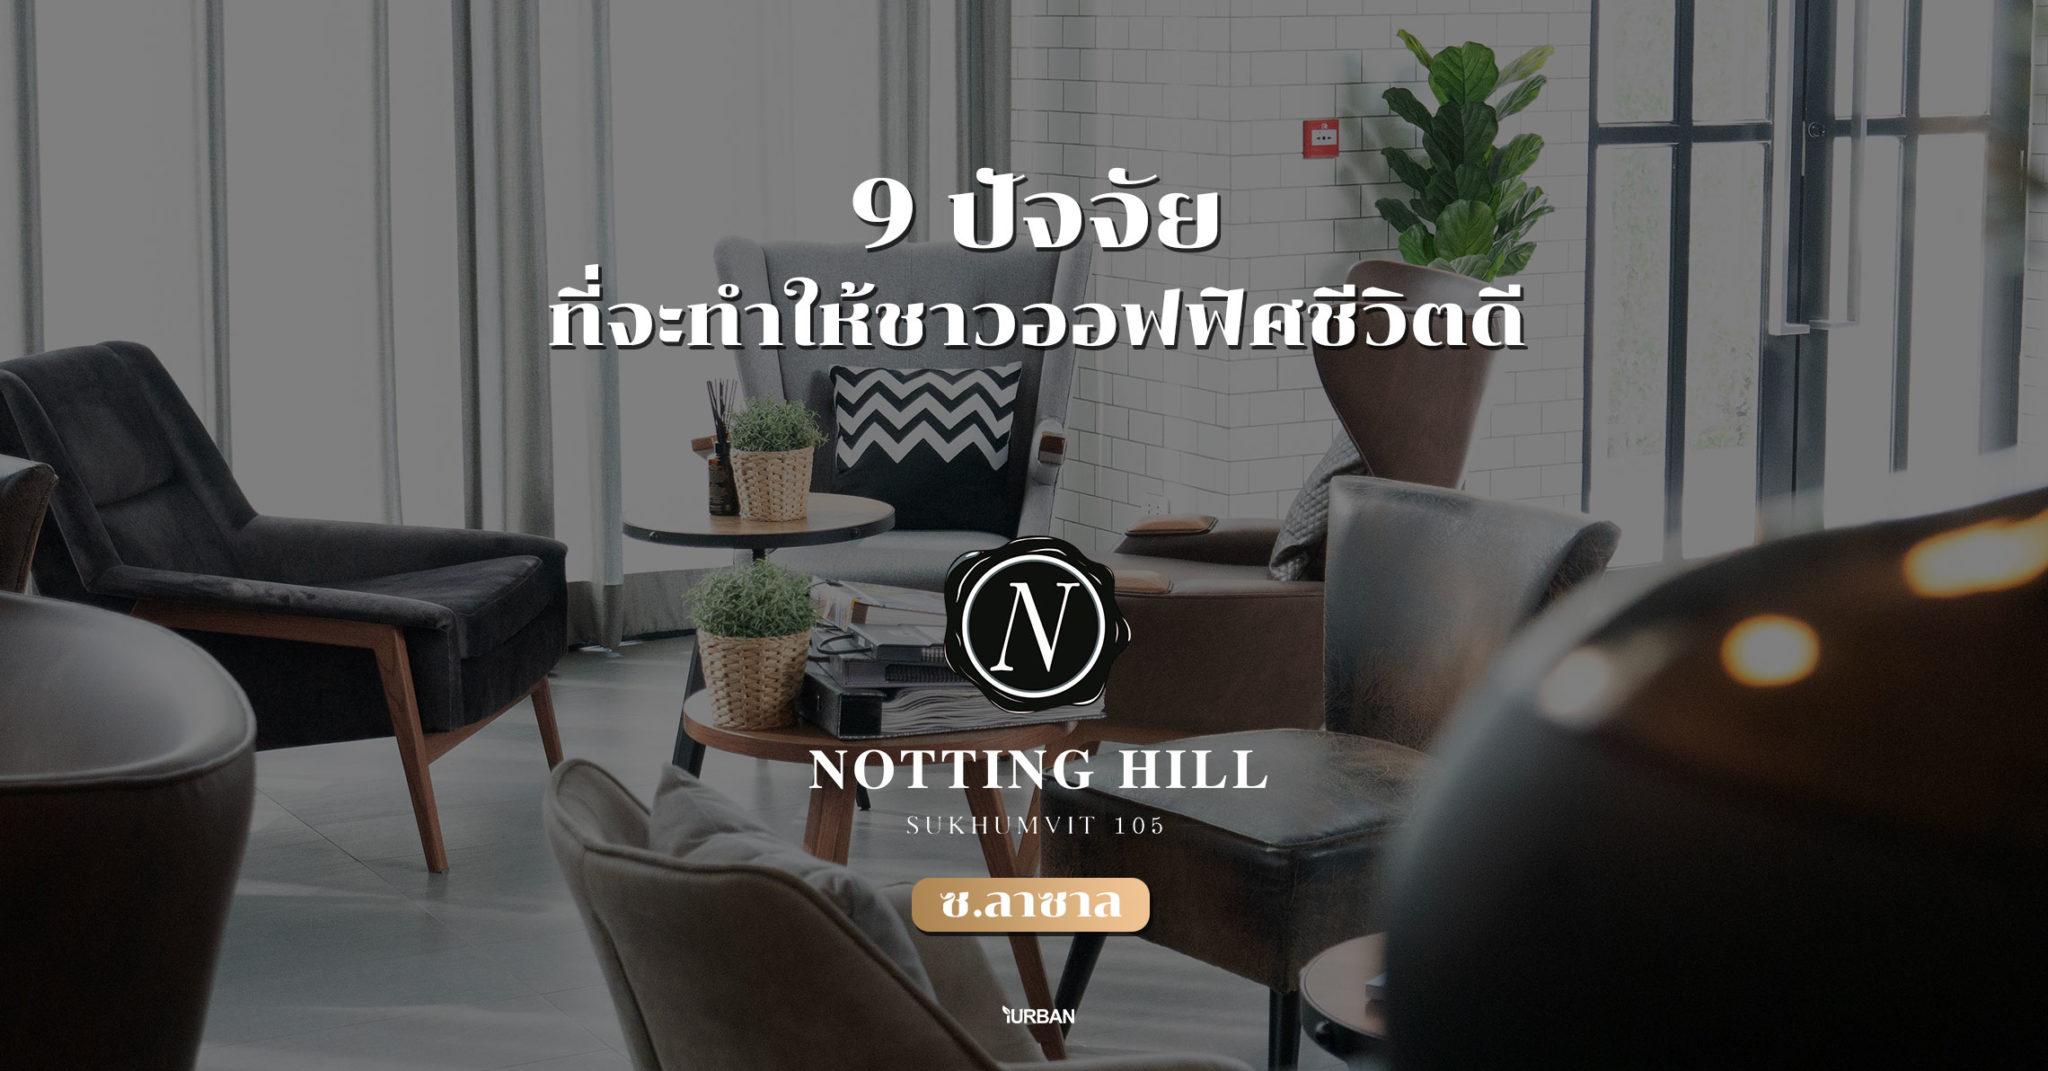 9 ปัจจัยให้คนออฟฟิศชีวิตดีขึ้นได้ Notting Hills - Sukhumvit 105 คอนโดที่คนฝั่งสุขุมวิทต้องชอบ 12 - Notting Hill